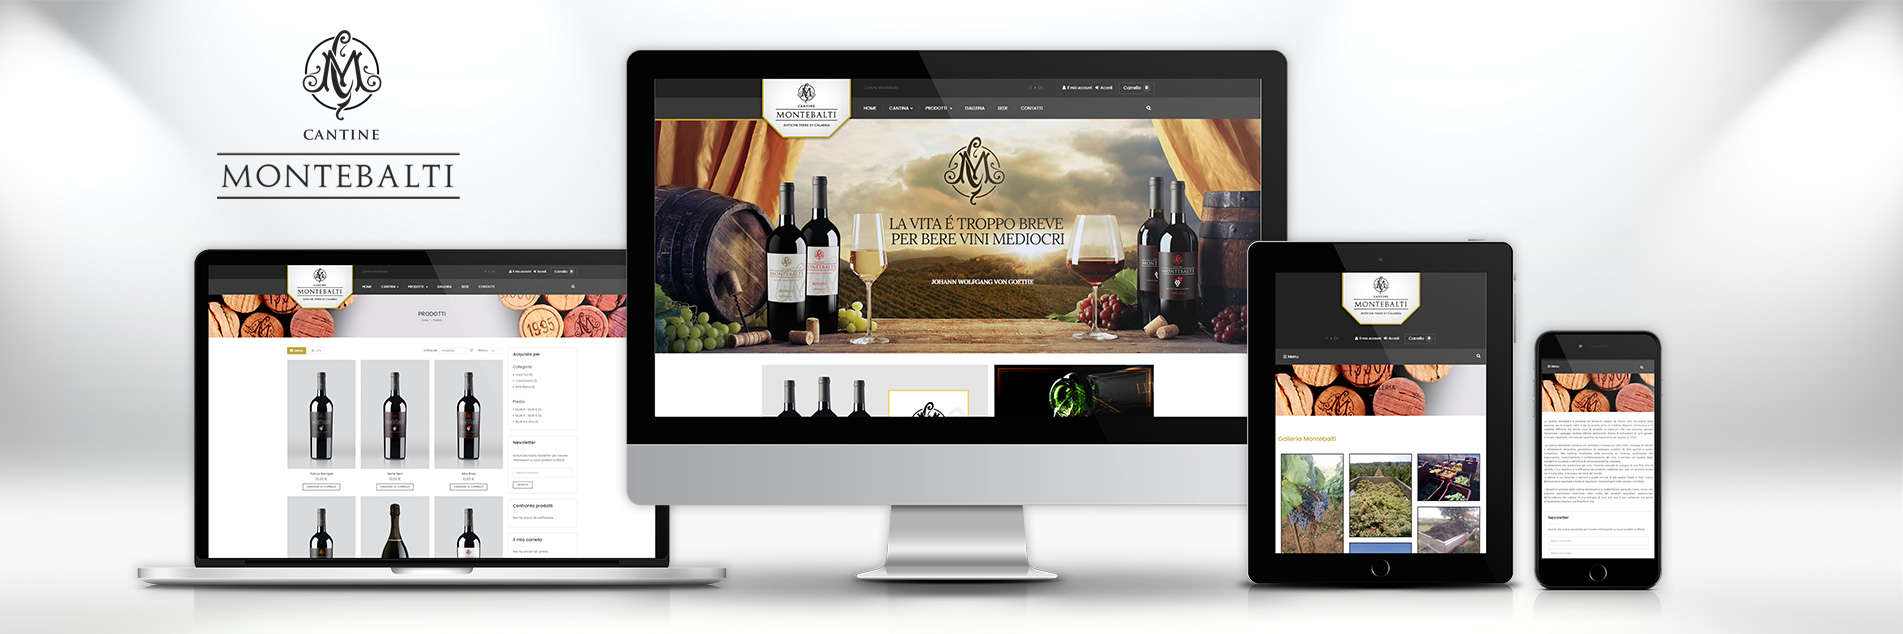 Cantine Montebalti: comunicazione integrata dal logo allo store on-line